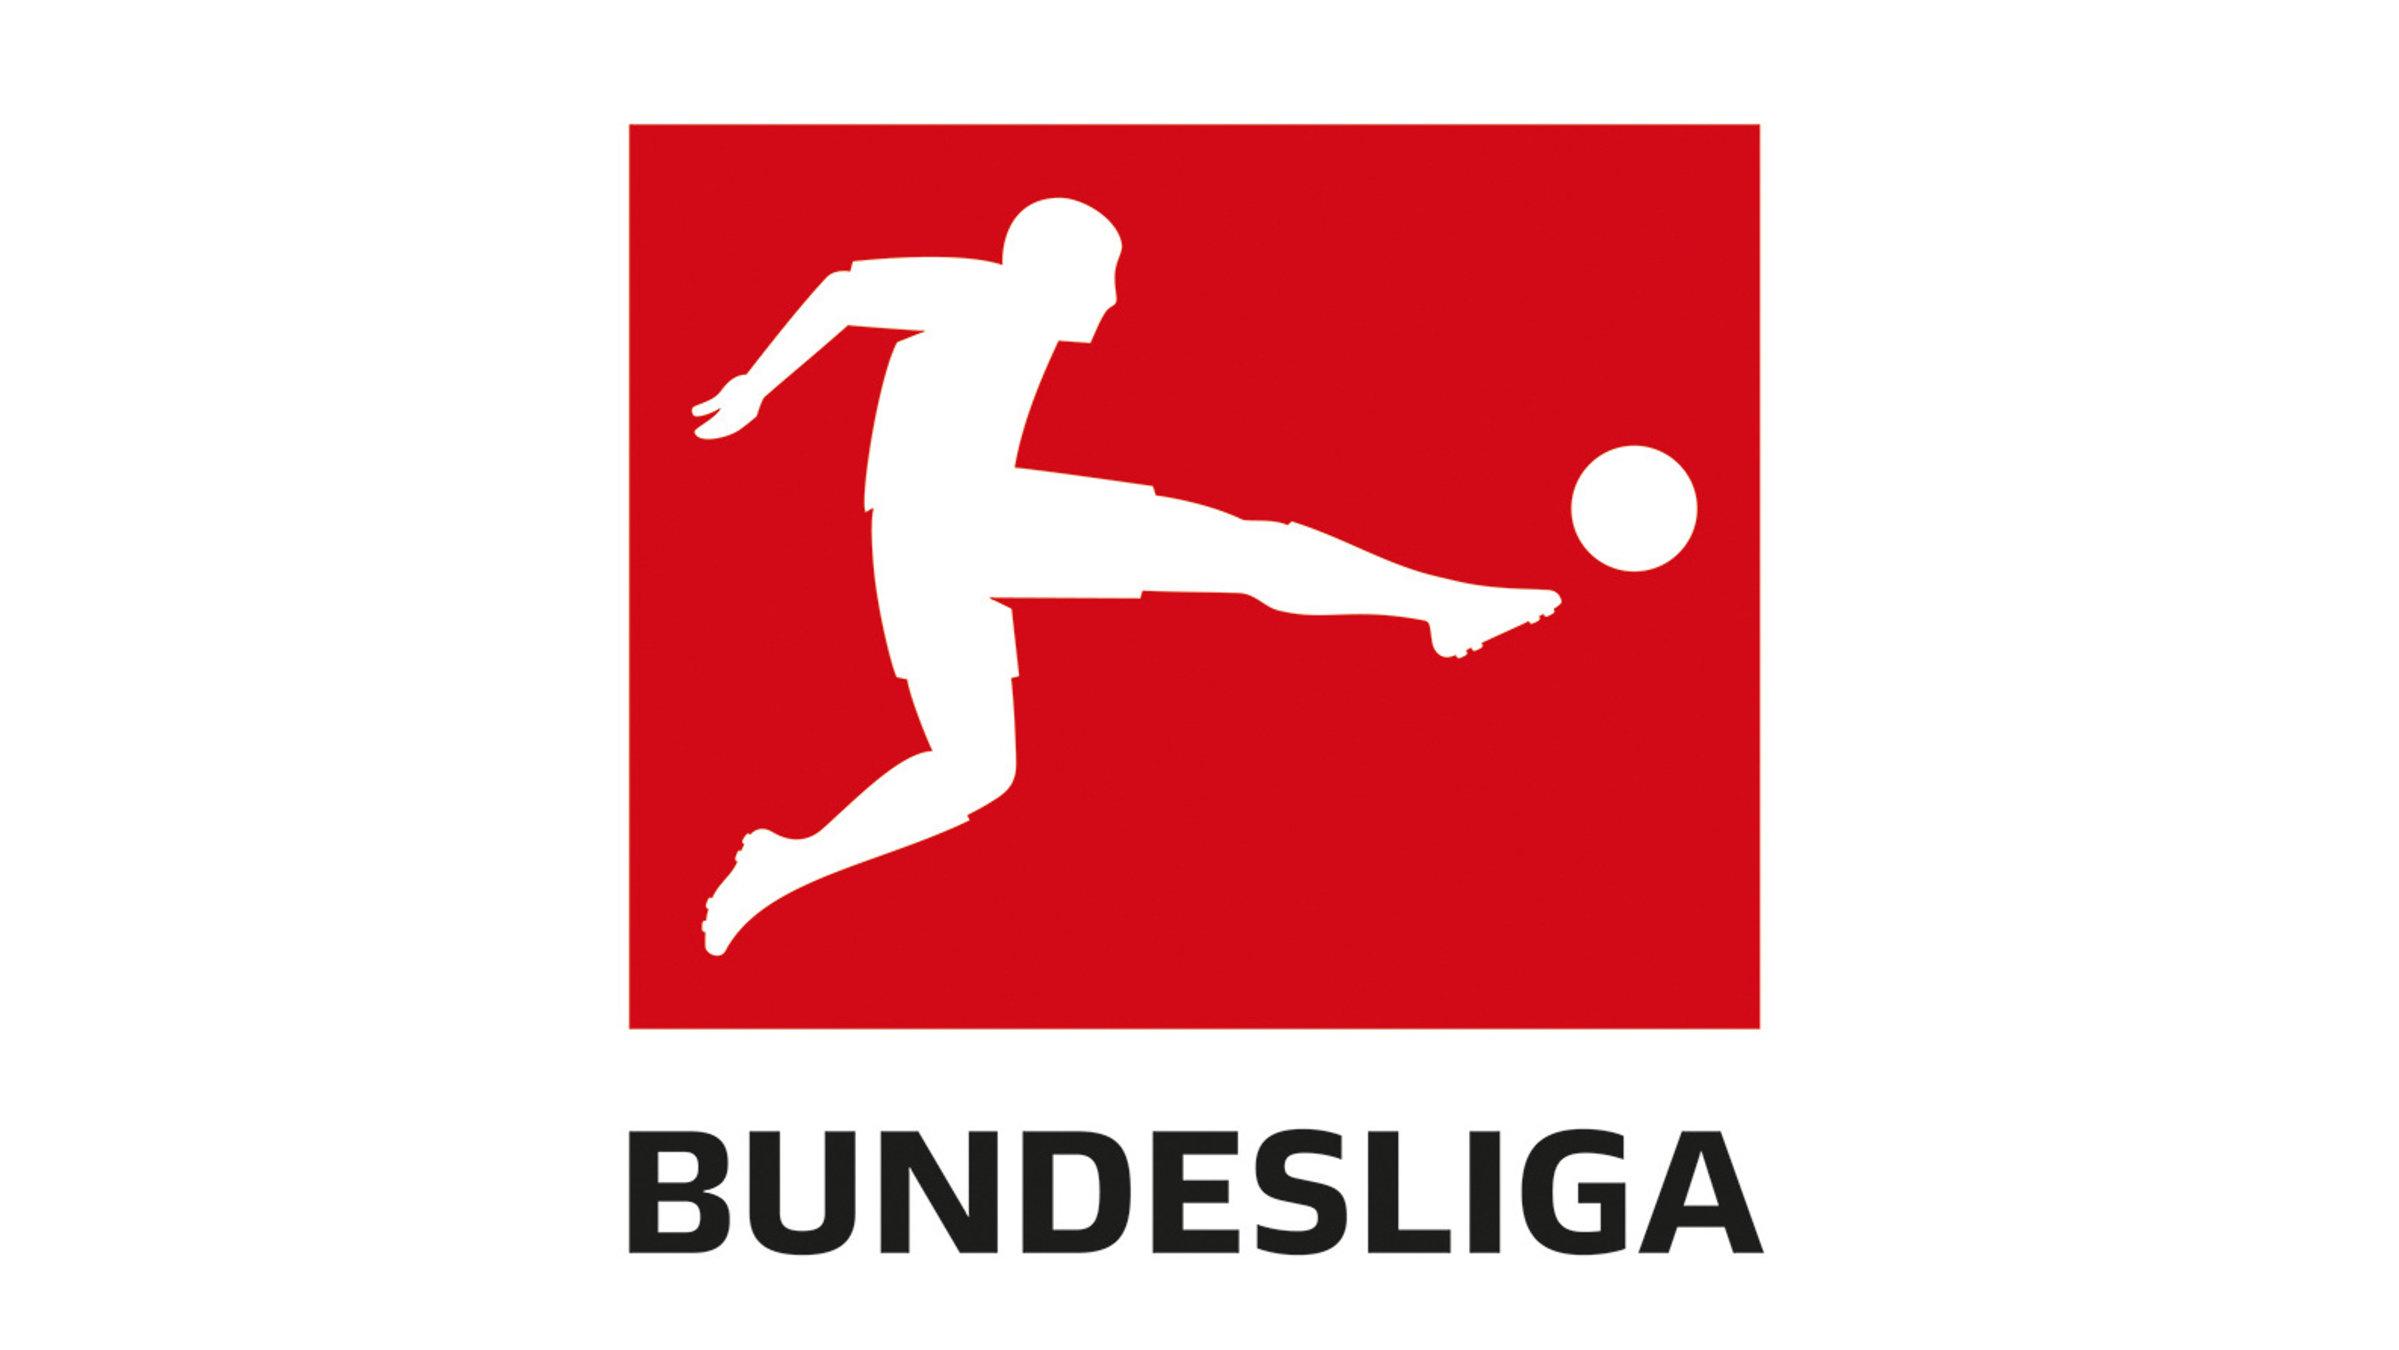 Bundesliga Live Fc Bayern Munchen Tsg 1899 Hoffenheim 1 Spieltag Einzelbeitrag 5